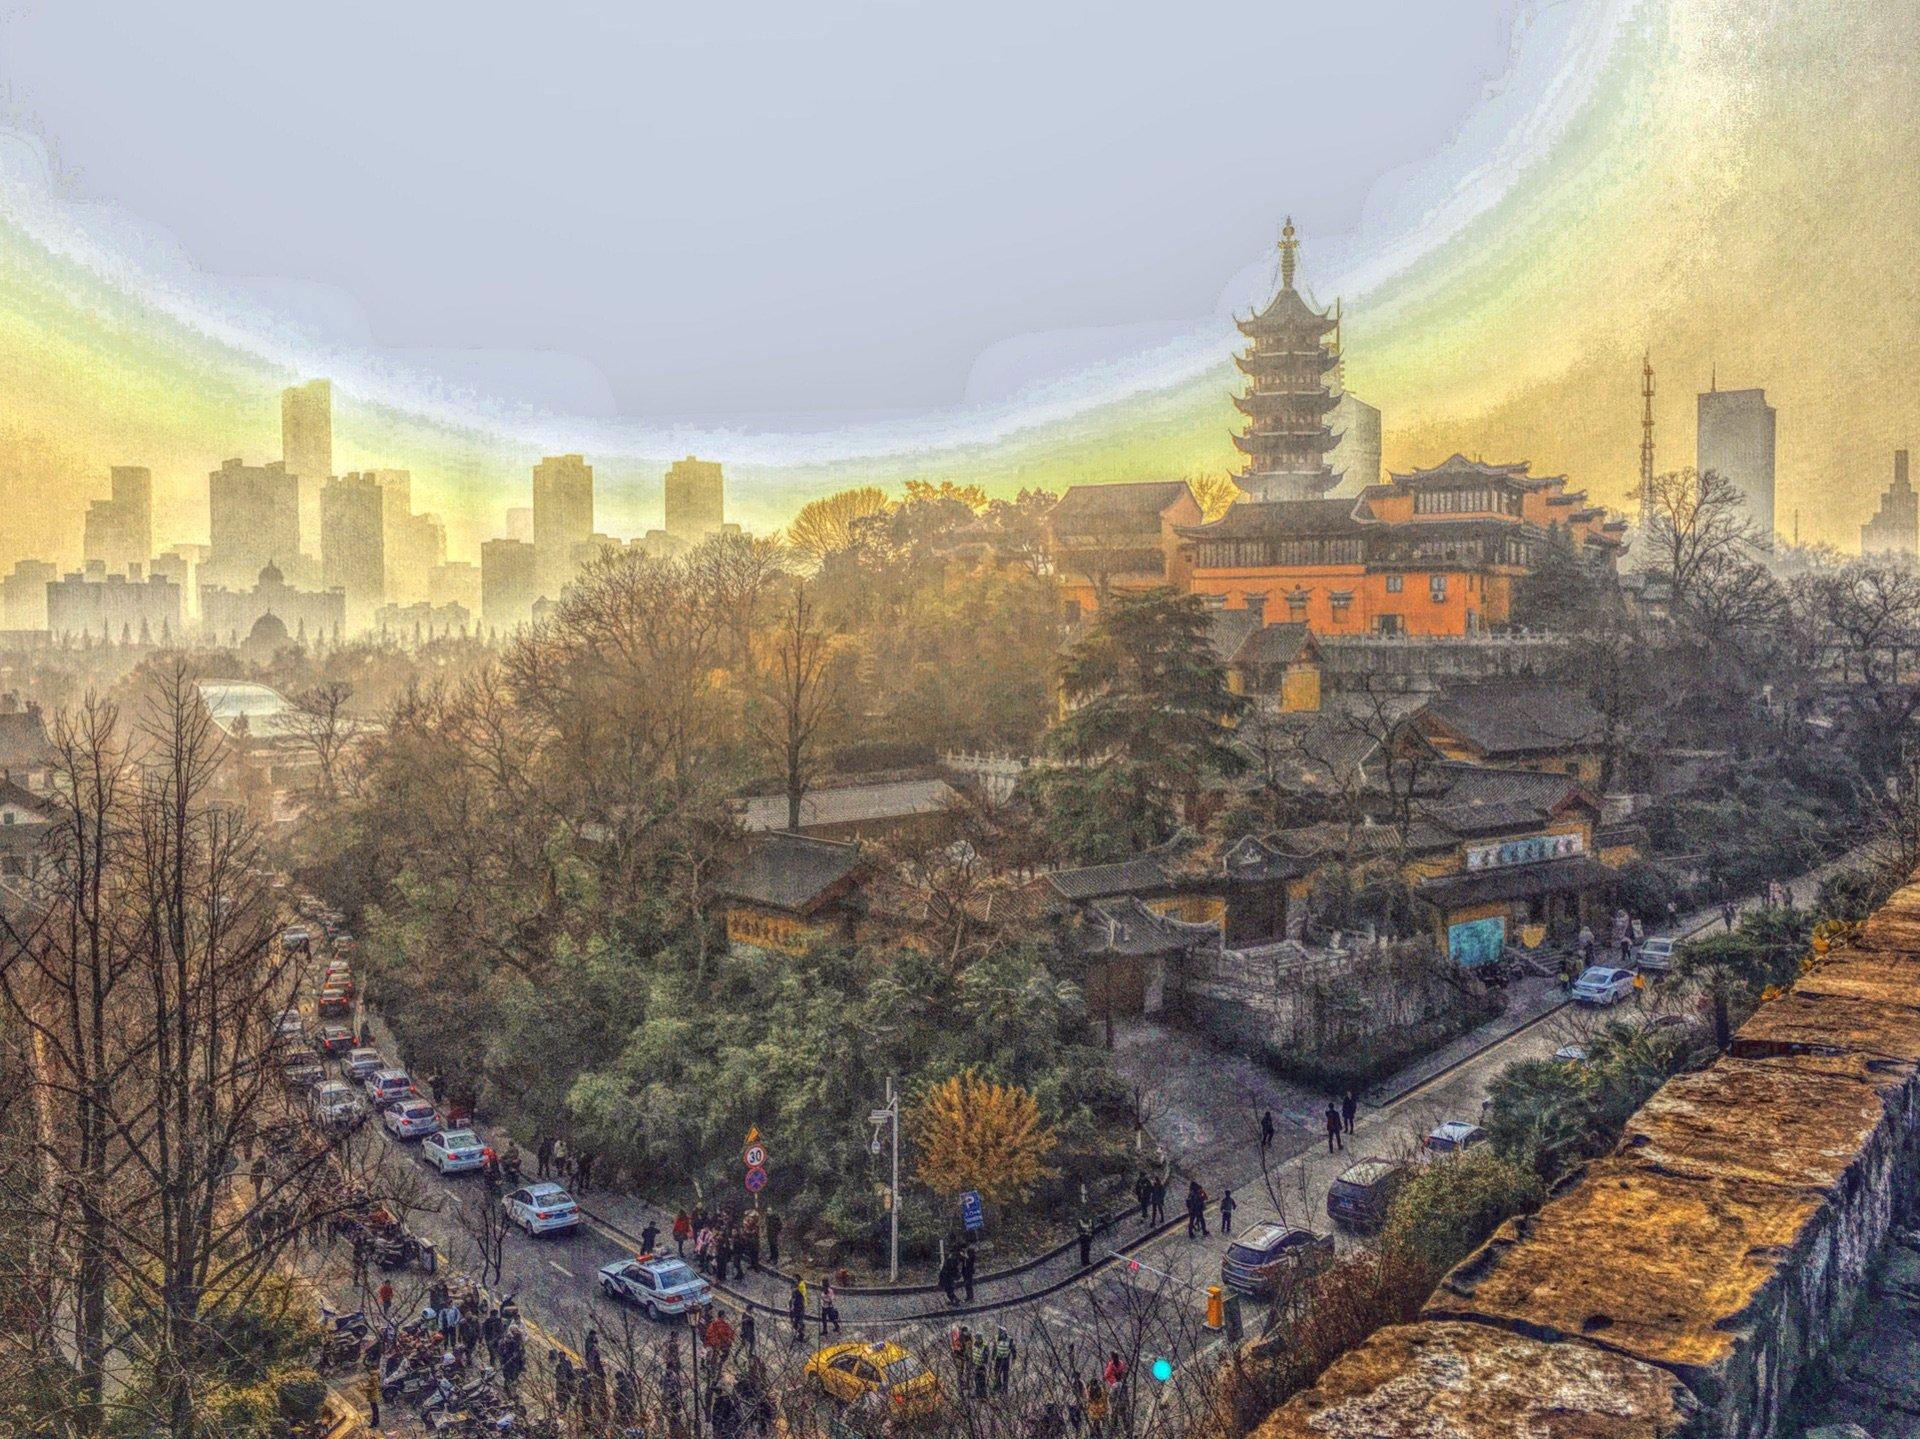 【南京—让我不甘心只做游客的城市】2017跨年再遇金陵记